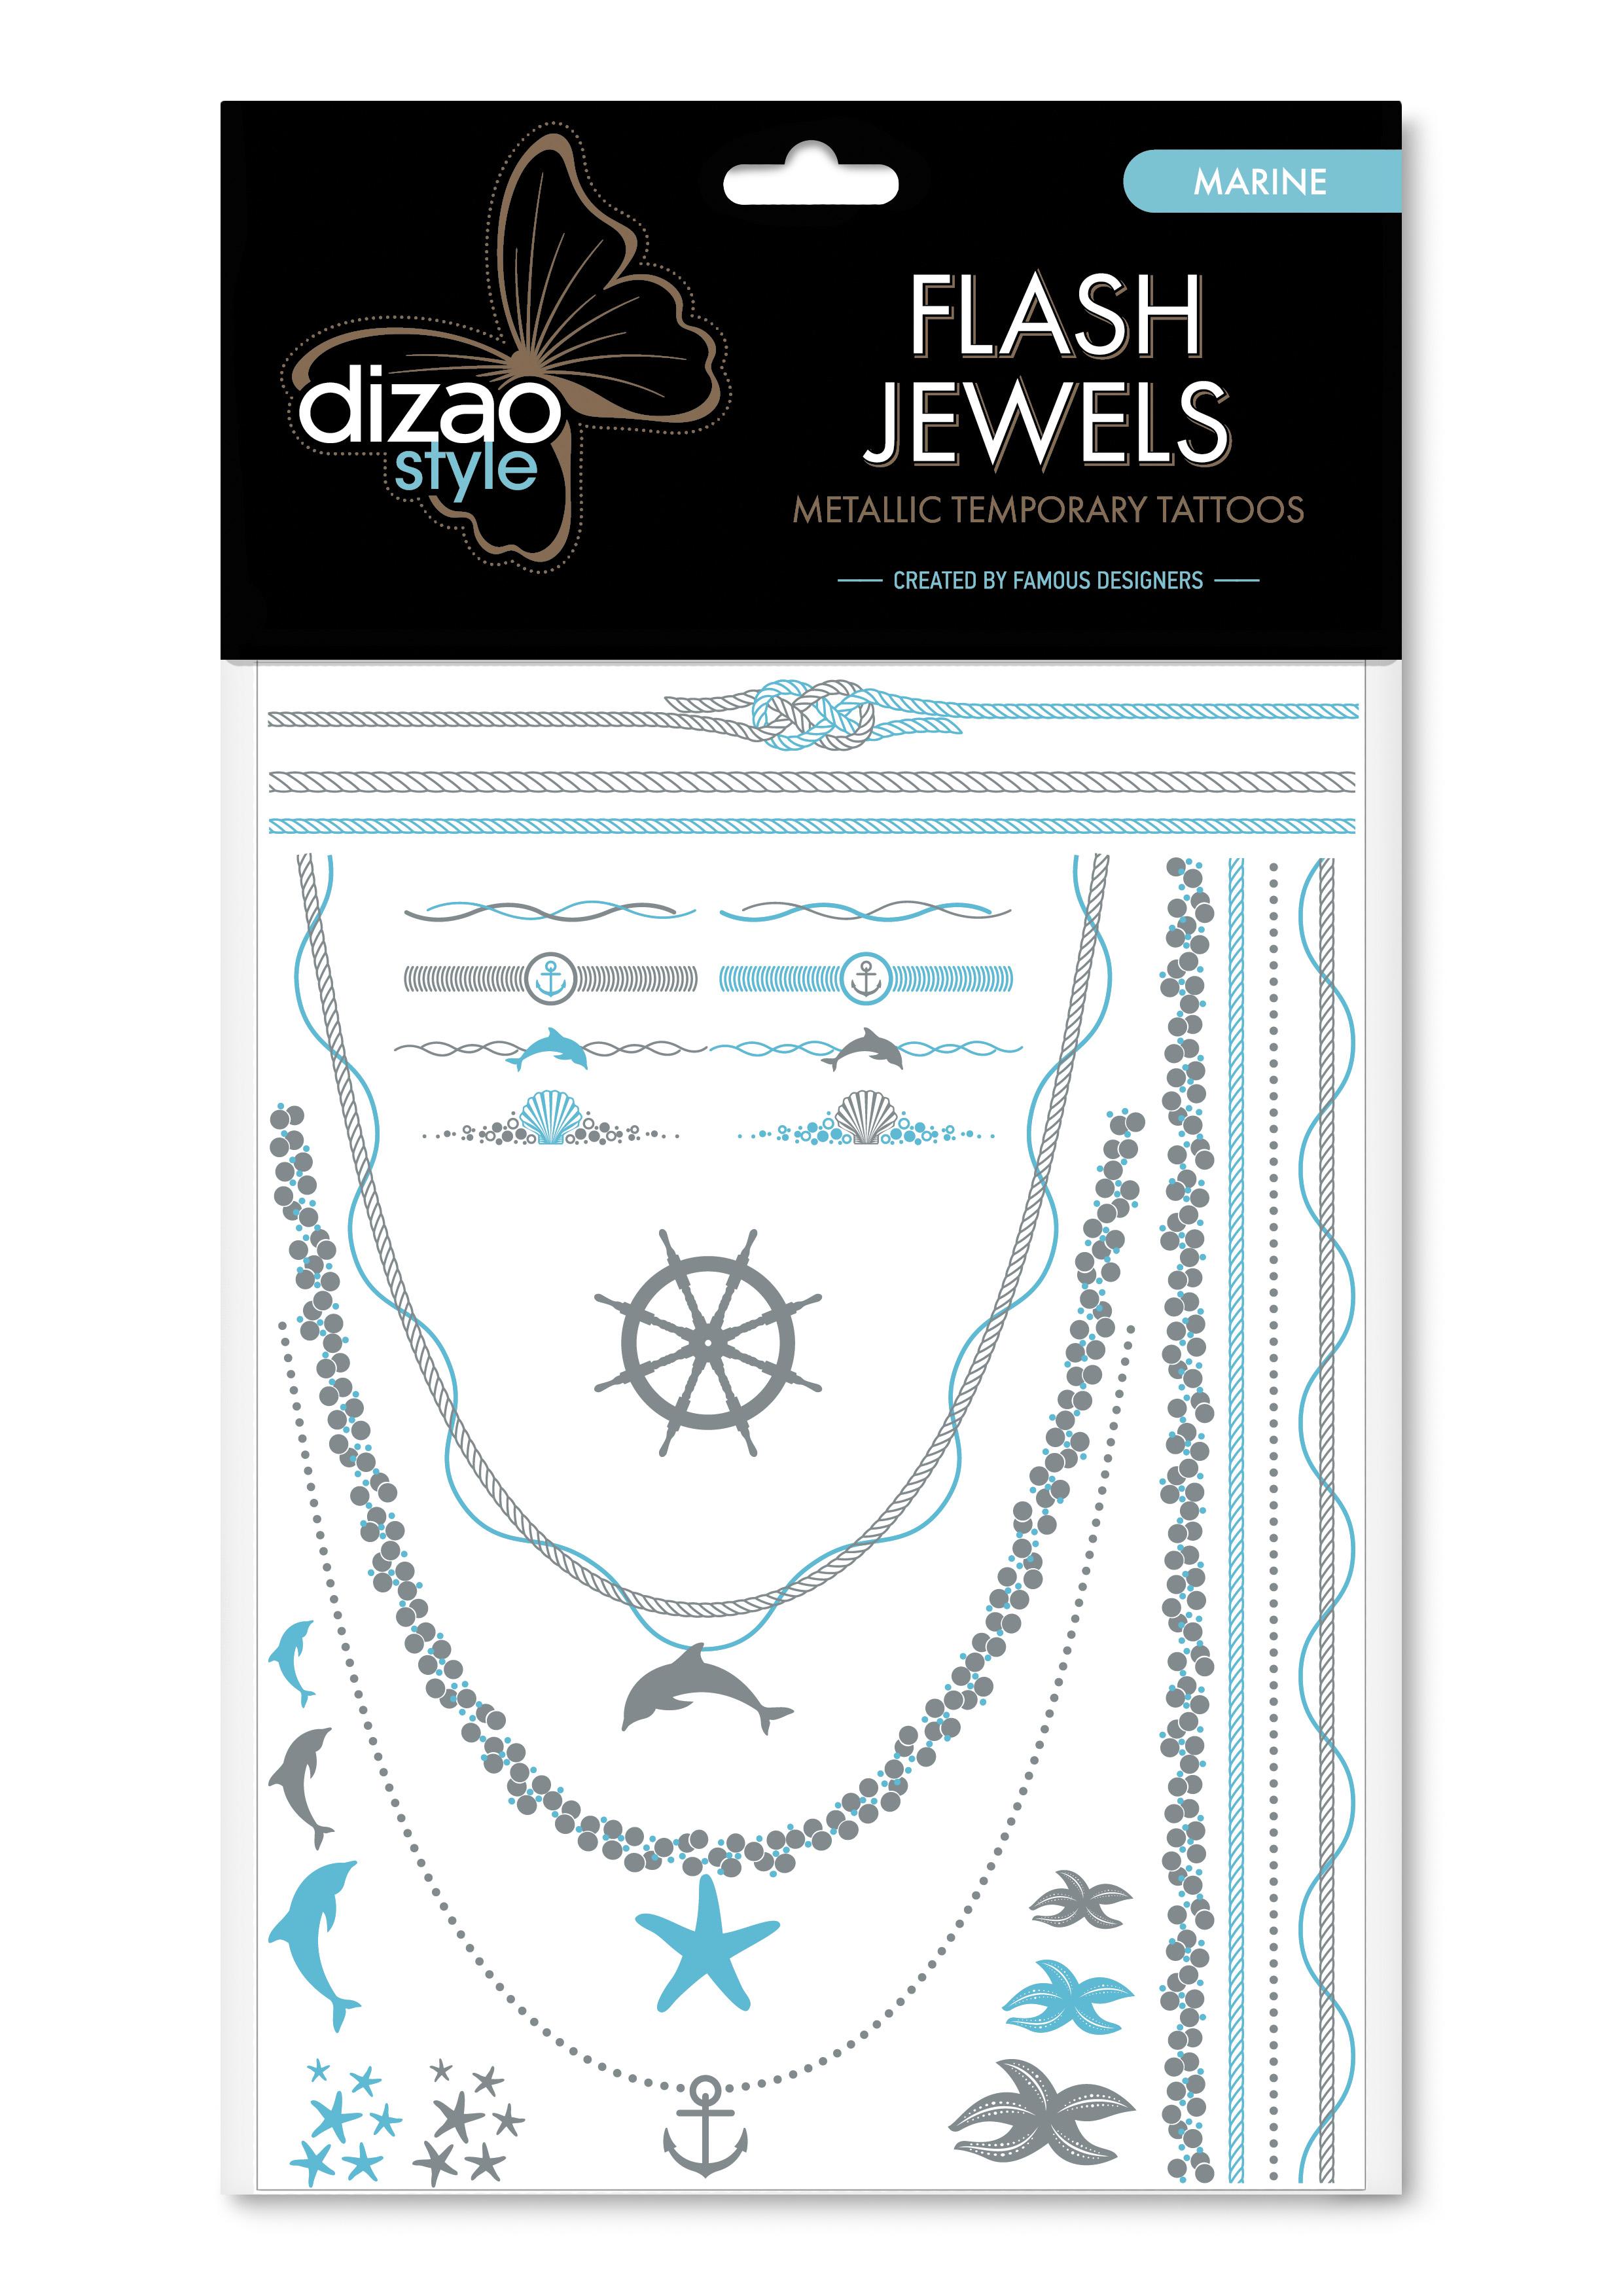 Dizao Временные металлические тату Flash Jewels: Морская серия5292452002519Оригинальные временные татуировки Dizao Flash Jewels: Морская серия позволят вам добавить изысканный штрих к вашему образу. В набор входит множество разнообразных дизайнов, которые вы сможете сочетать по своему вкусу. Откройте для себя мир идеальных линий и оригинальных дизайнов, которые заблистают на вашей коже благородным блеском золота и серебра. Позвольте украшениям стать органичной частью вашего тела. Следуйте самым последним тенденциям и всегда оставайтесь на пике моды. Подарите себе роскошь и непревзойденный стиль с тату Dizao. Премиальные золотые временные тату Flash Jewels:- имеют уникальные дизайны-держатся на коже продолжительное время, не теряя привлекательности -легко наносятся и удаляются -не вызывают покраснений и раздражений, не содержат токсичных компонентовПрименять временные тату невероятно легко: вырежьте понравившуюся аппликацию, наложите ее рисунком вниз на сухую чистую кожу, прижмите к аппликации мокрую губку или ватный диск в течении 30 секунд, а затем удалите бумагу и позвольте аппликации высохнуть. Для того, чтобы удалить временную татуировку, нанесите на аппликацию косметическое или оливковое масло и осторожно сотрите ватным диском.